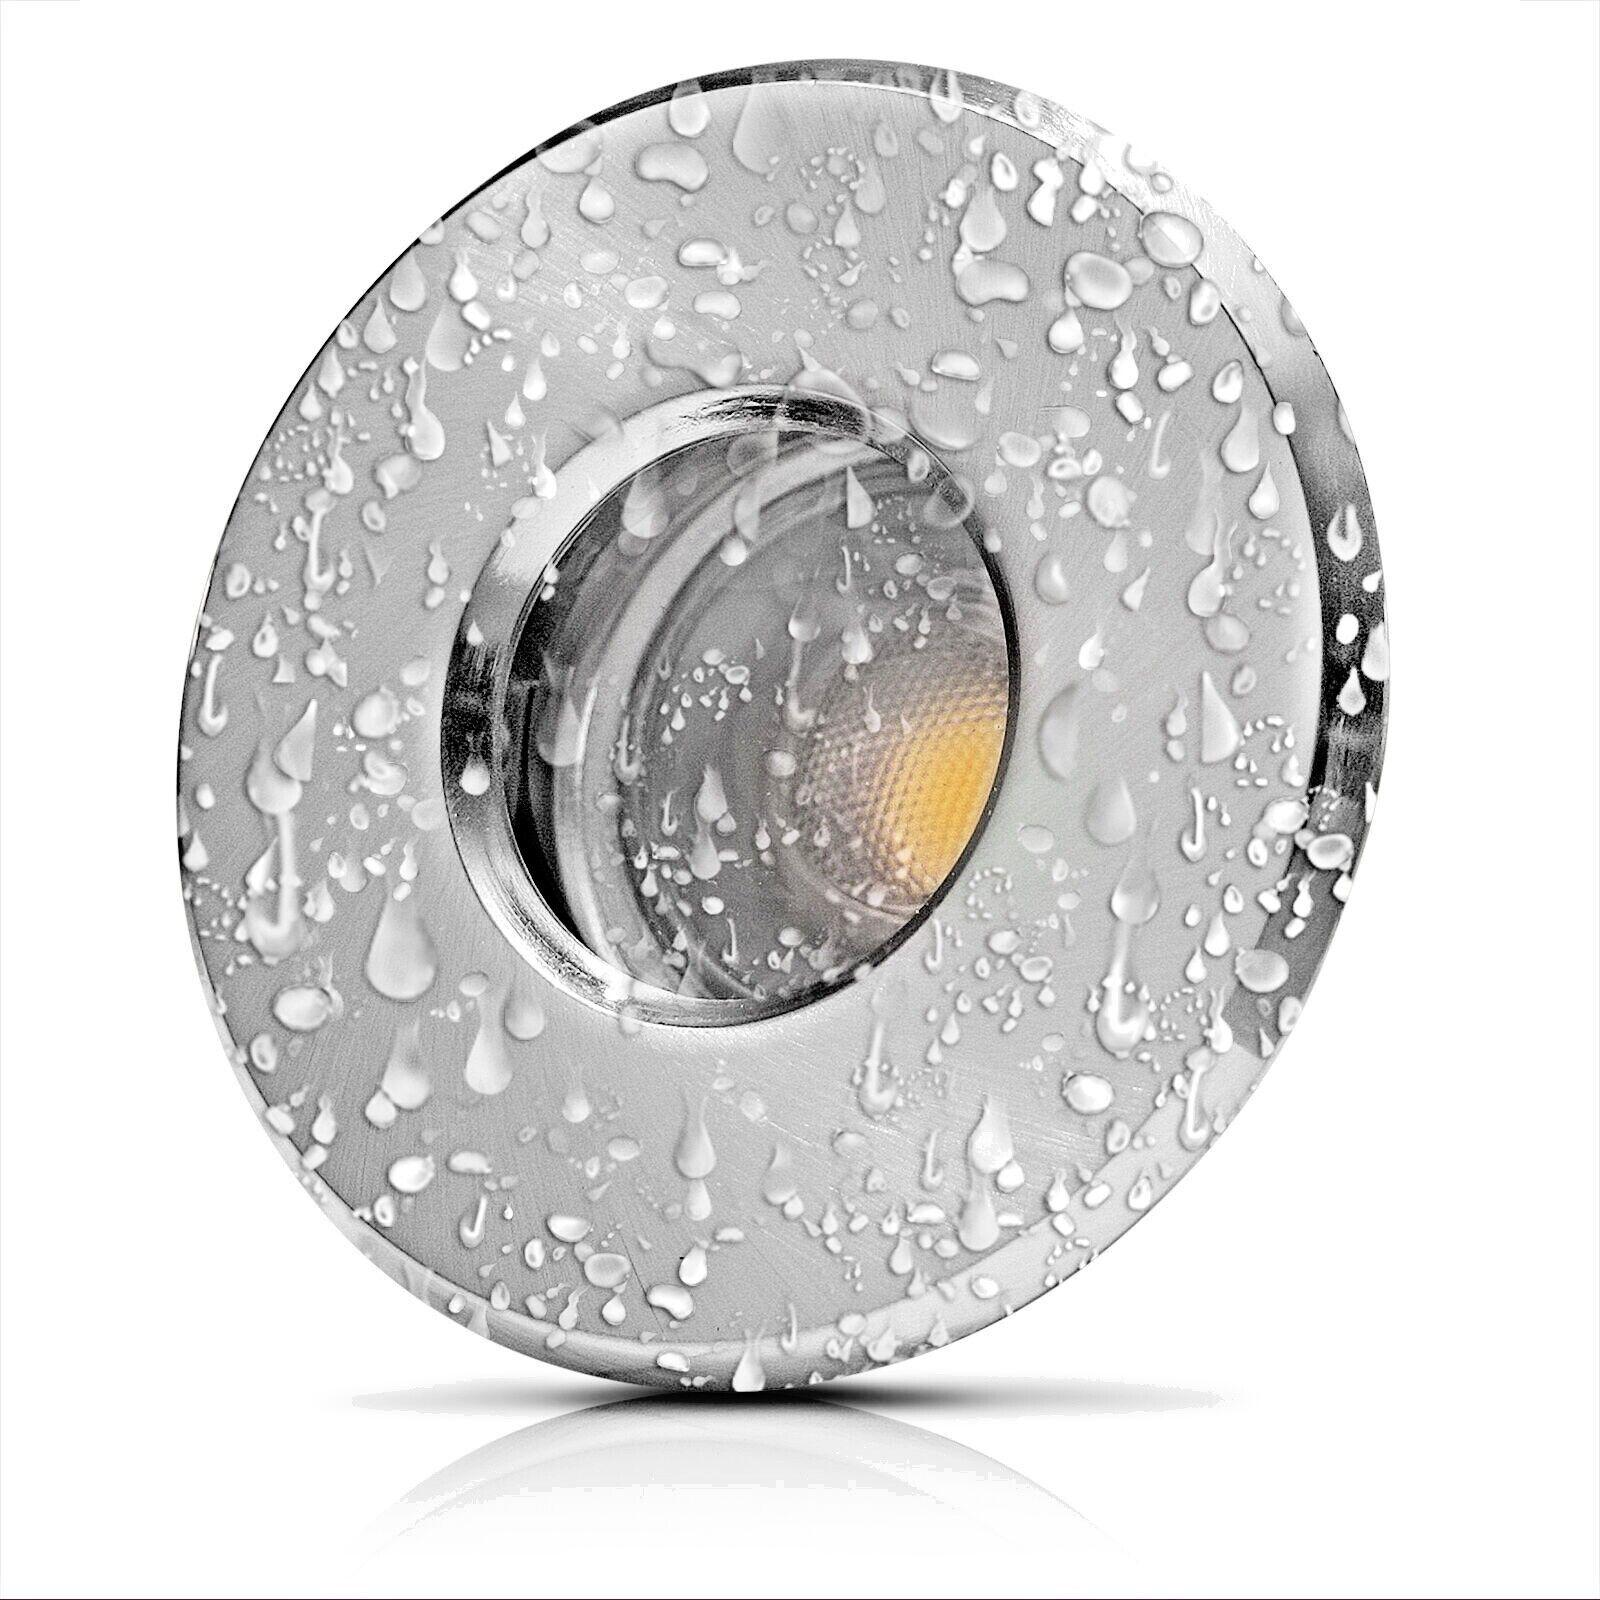 Feuchtraum Decken Einbaufassung   LED   230V   9W=90W   IP54   Wasserdicht   Alu